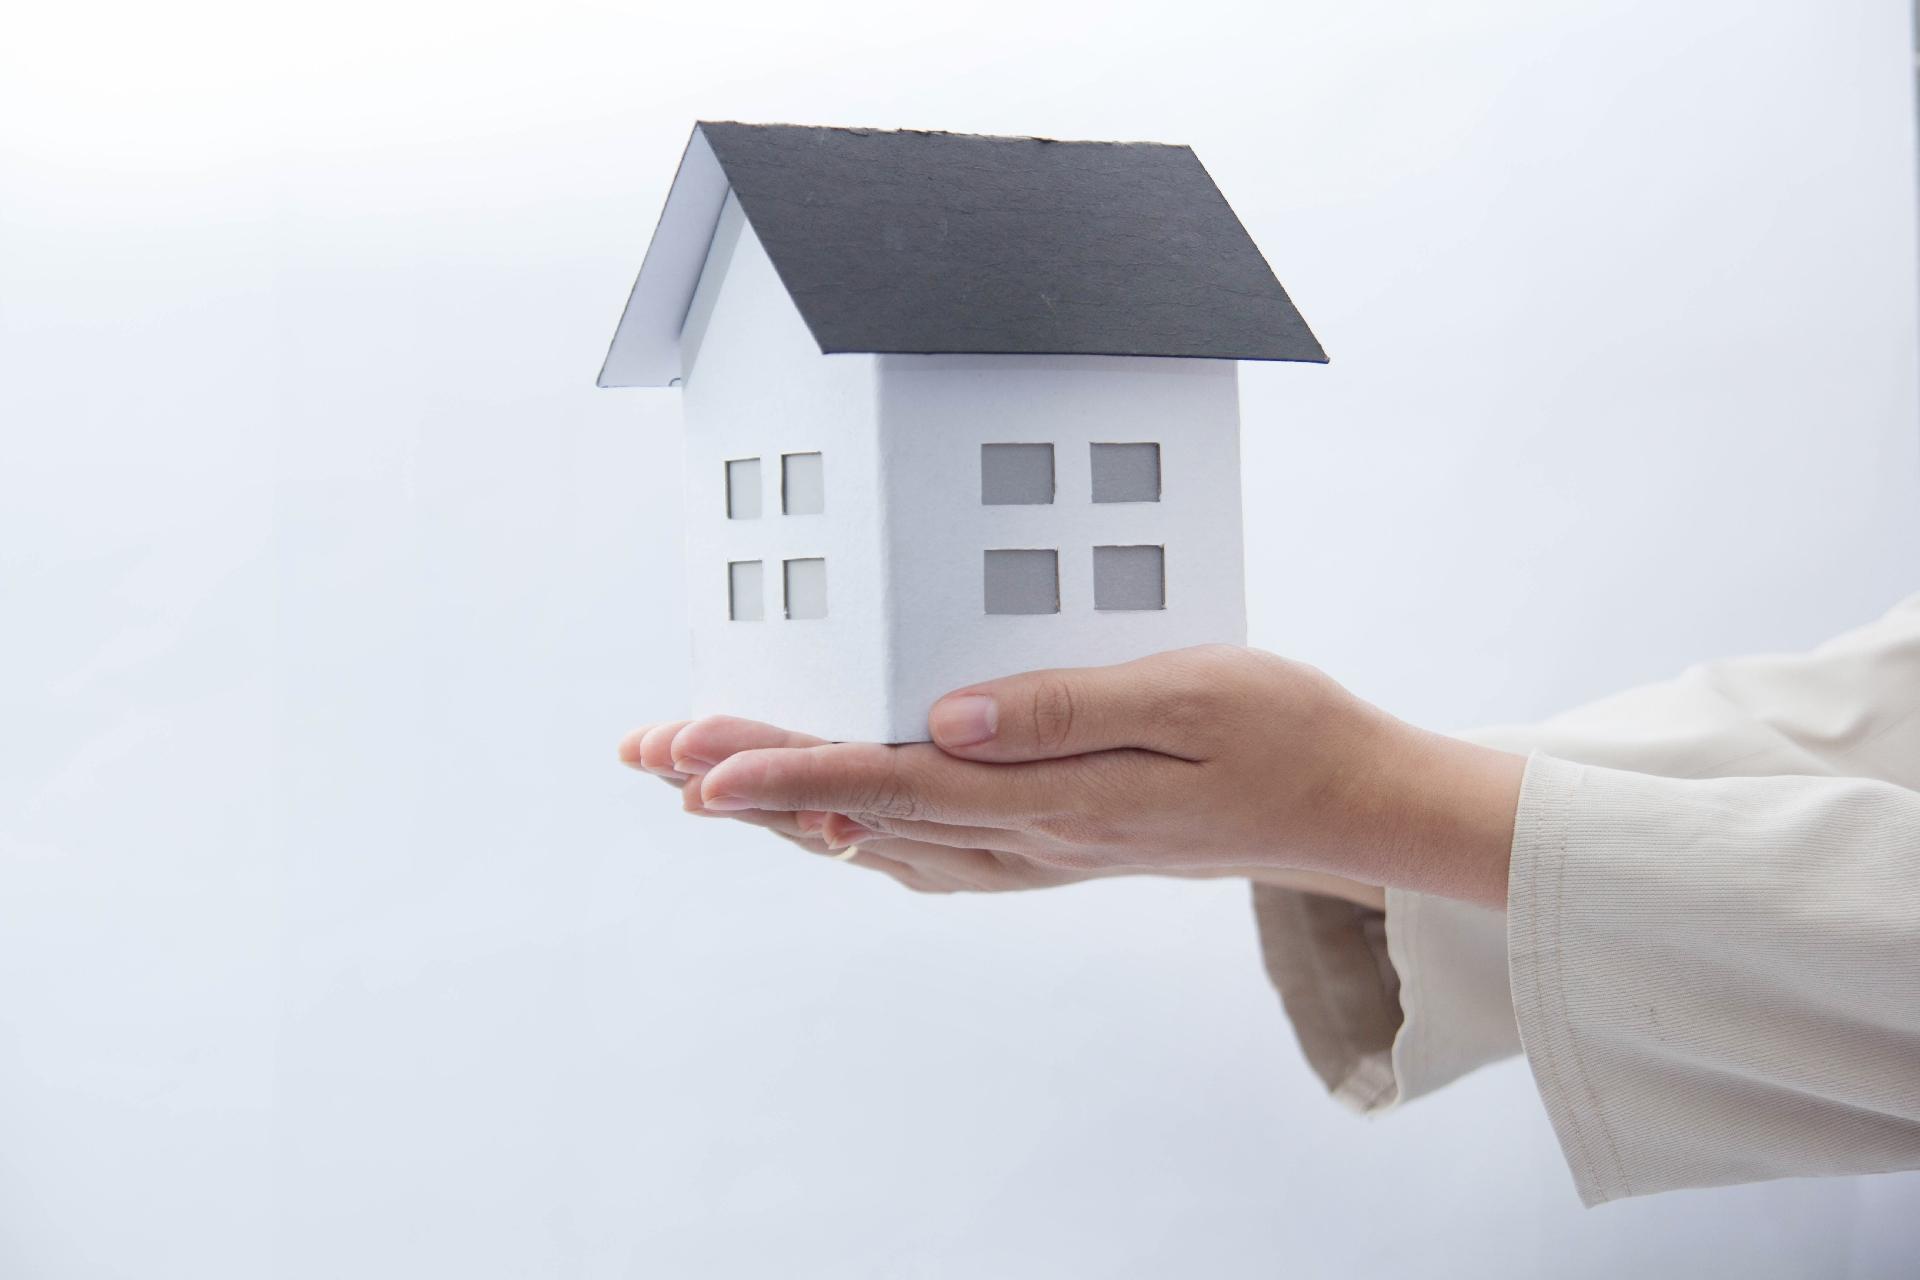 資産と負債 住宅は資産?負債?